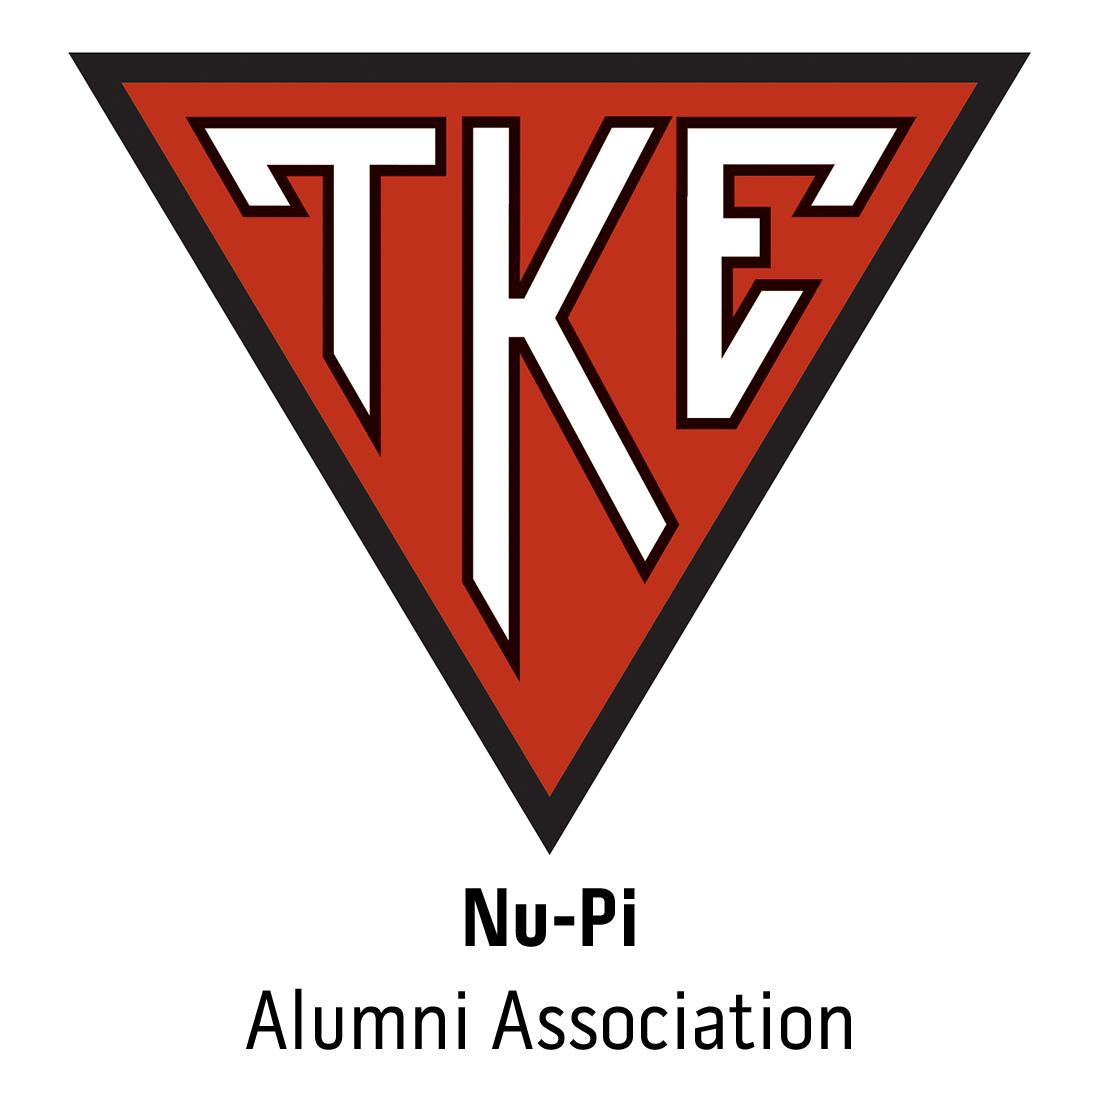 Nu-Pi Alumni Association for University of Delaware